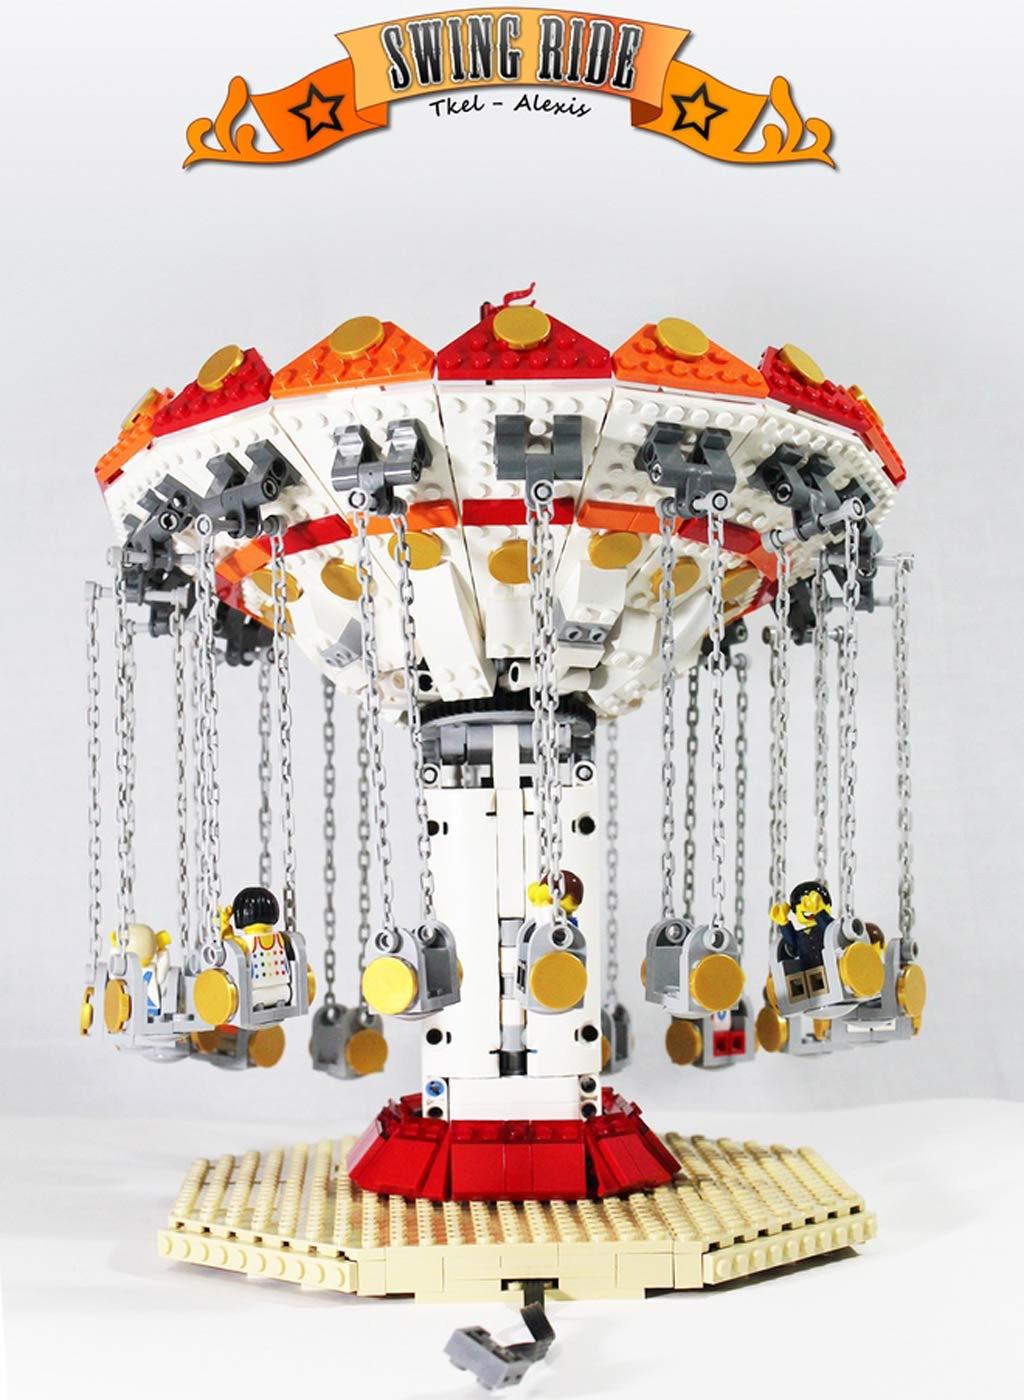 Gleich gehts los! | © tkel86 / LEGO Ideas